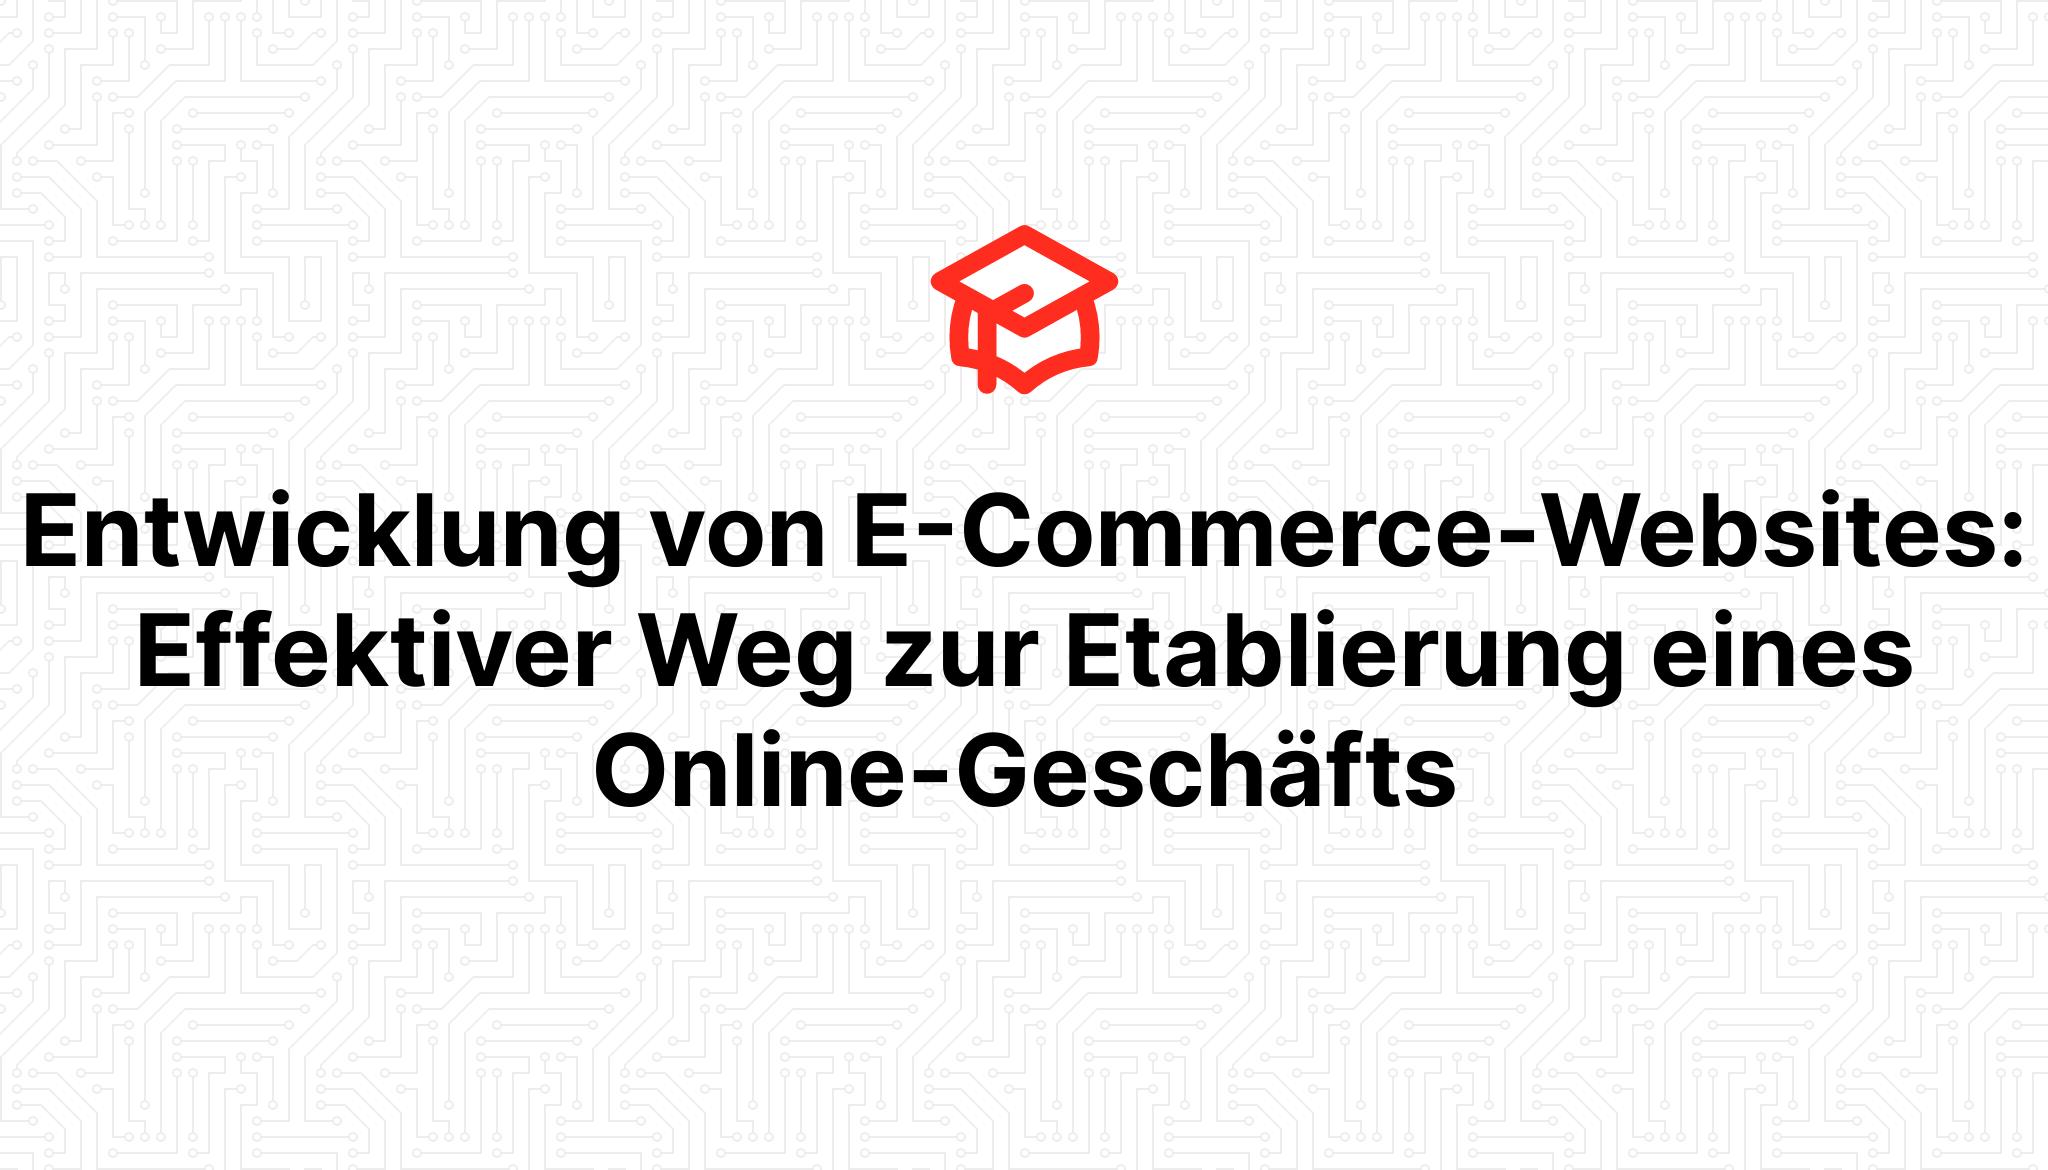 Entwicklung von E-Commerce-Websites: Effektiver Weg zur Etablierung eines Online-Geschäfts